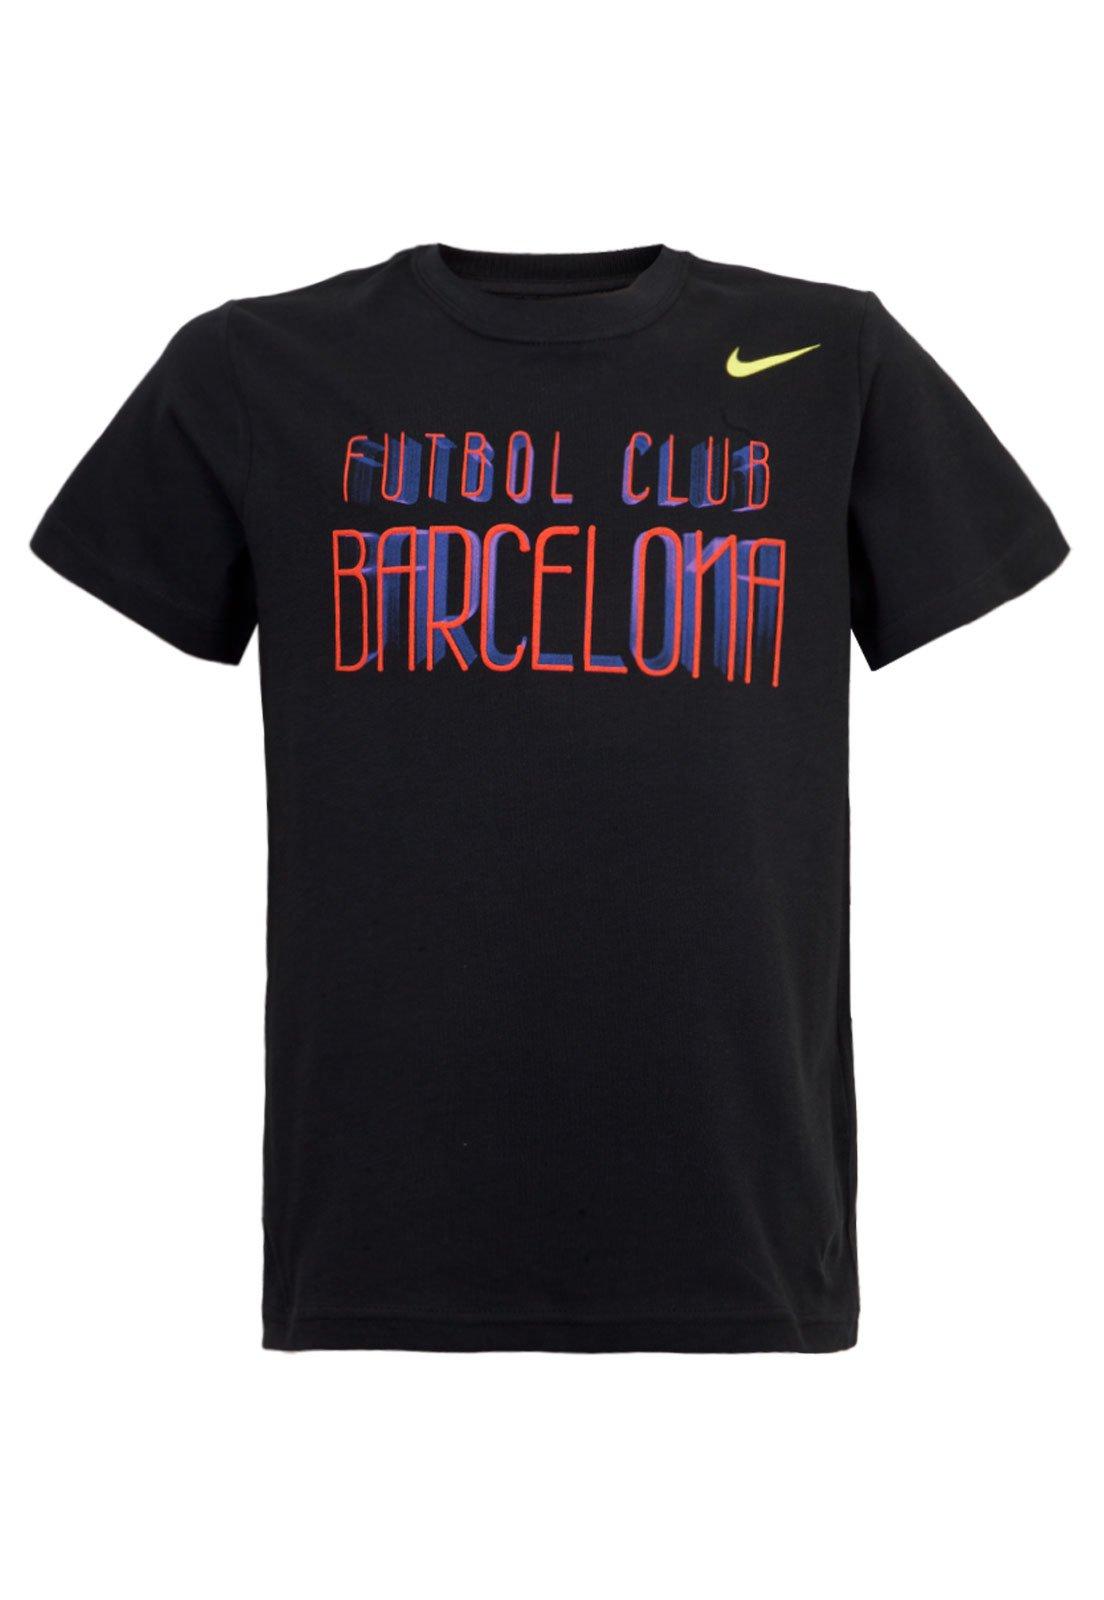 Camiseta Nike Barcelona Infantil Preta Compre Agora Dafiti Brasil